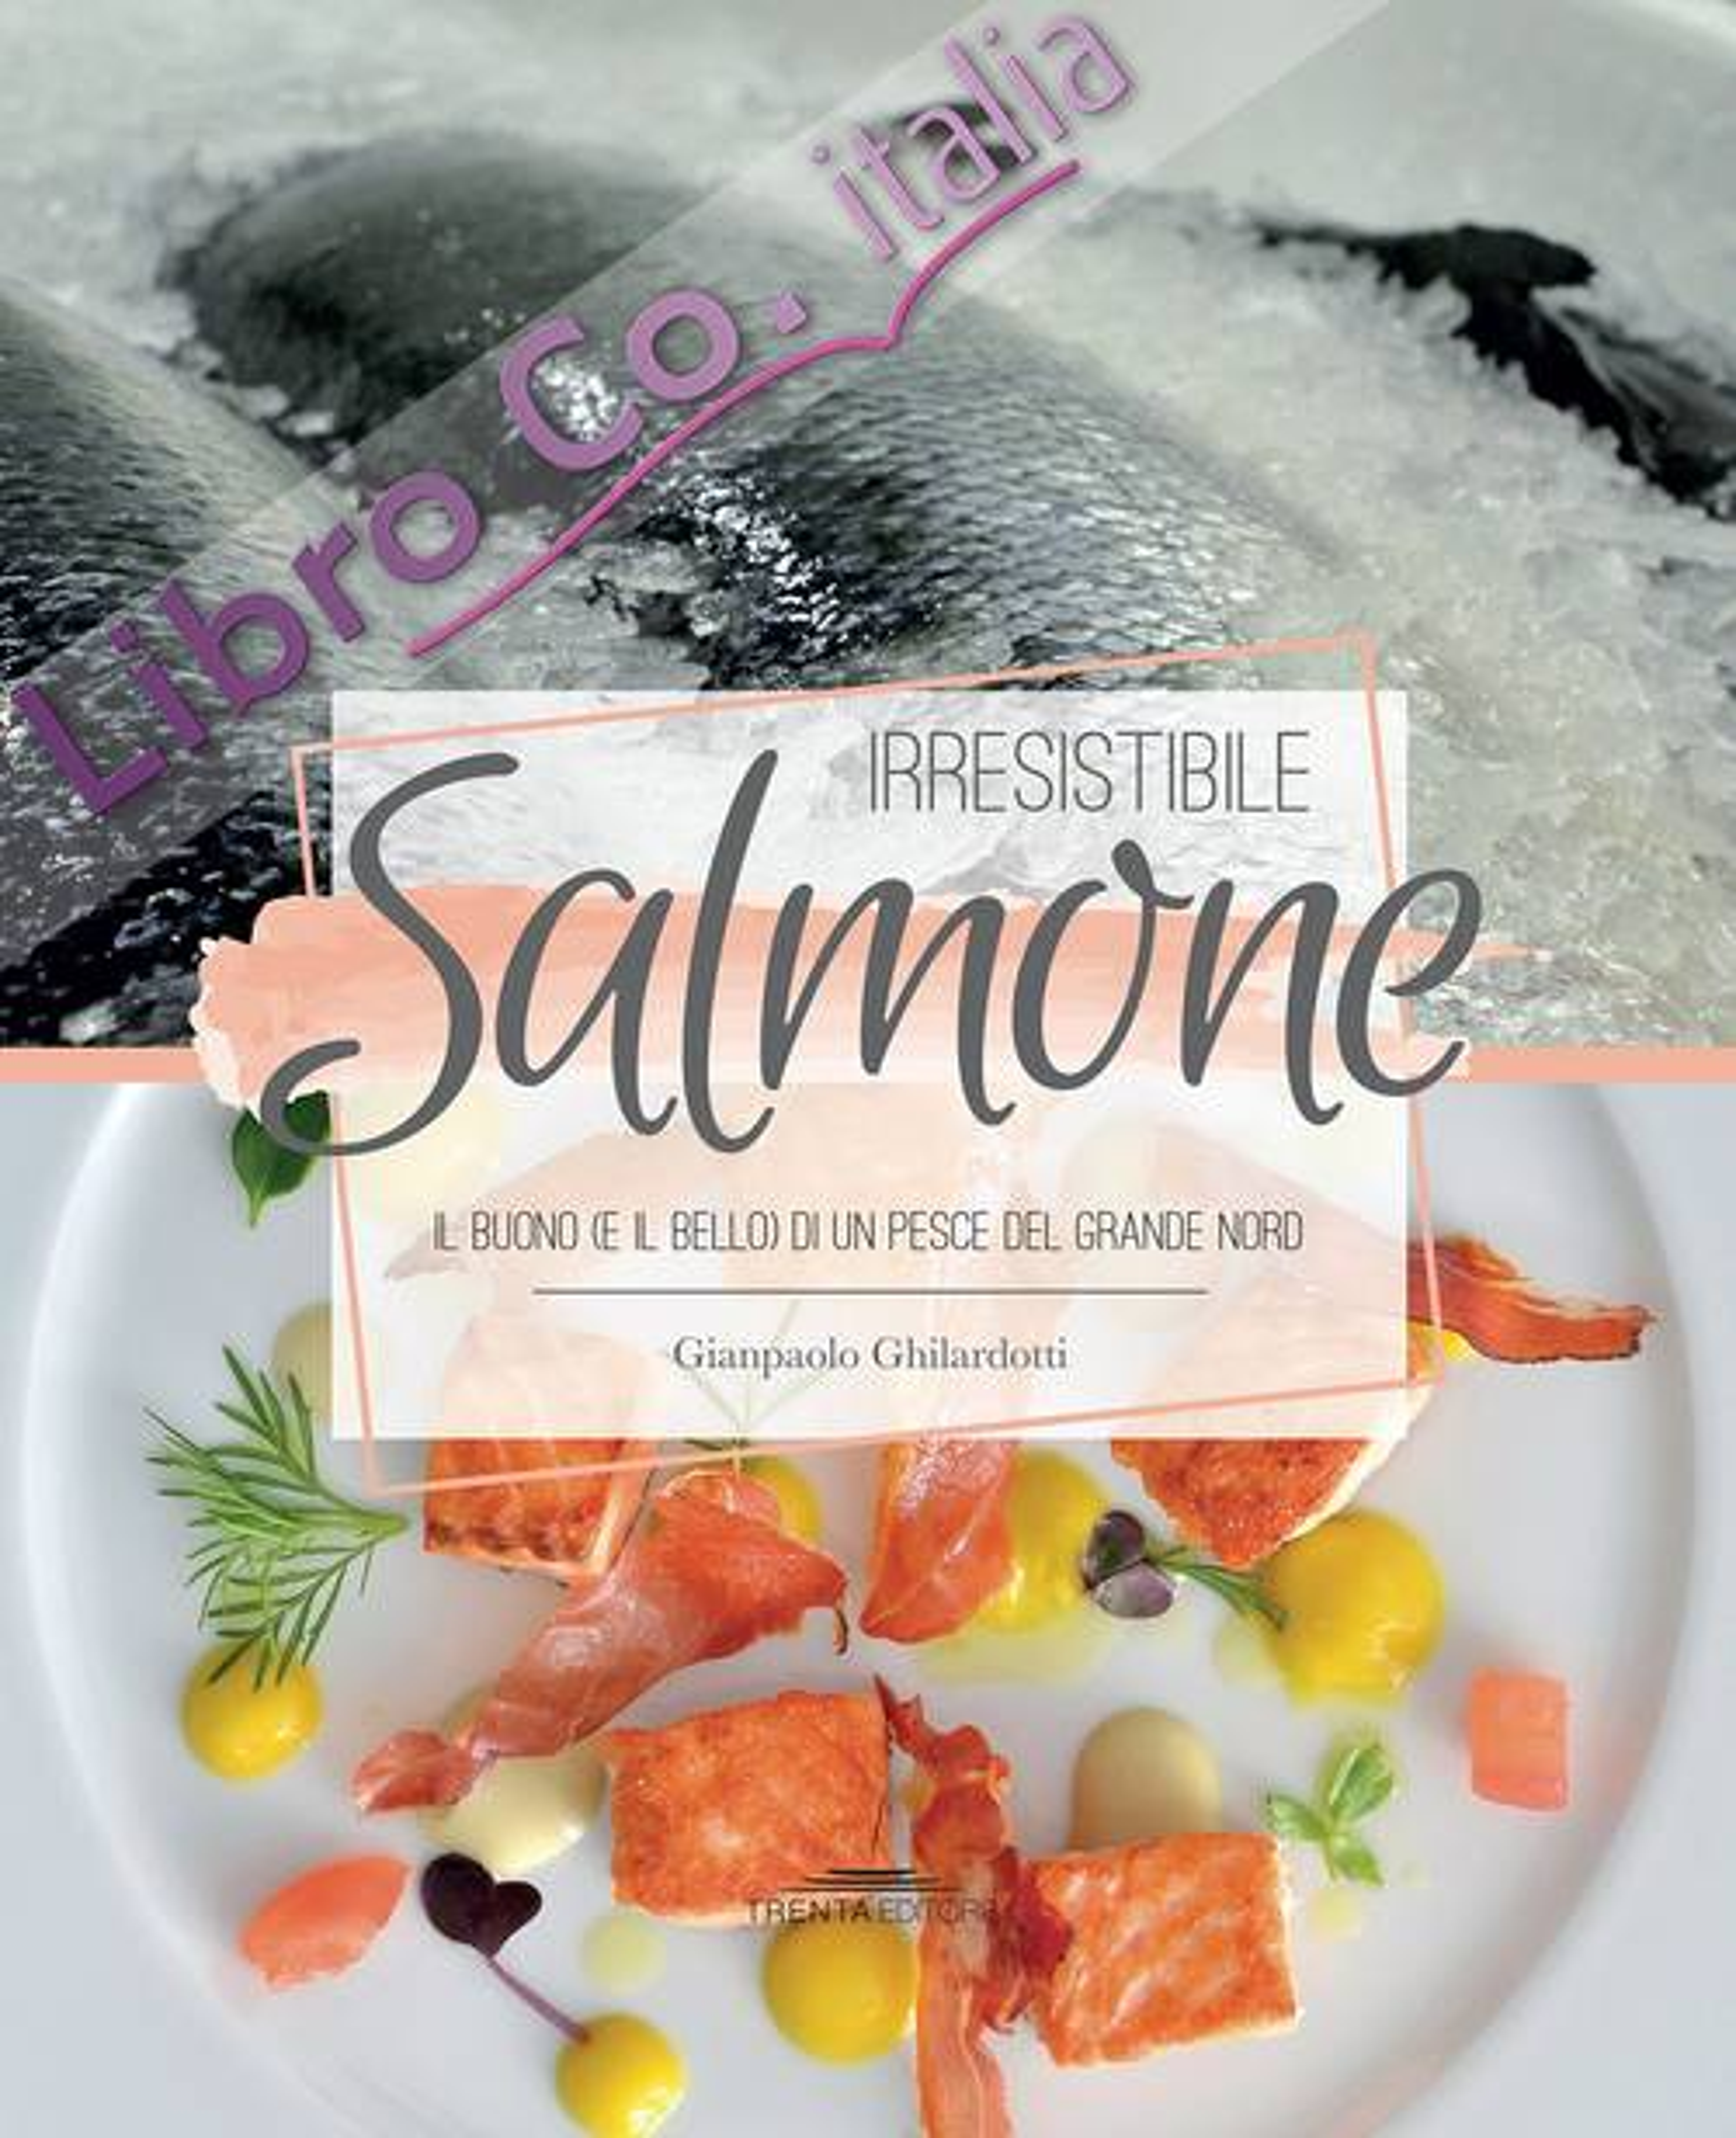 Irresistibile salmone. Il buono (e il bello) di un pesce del grande Nord.